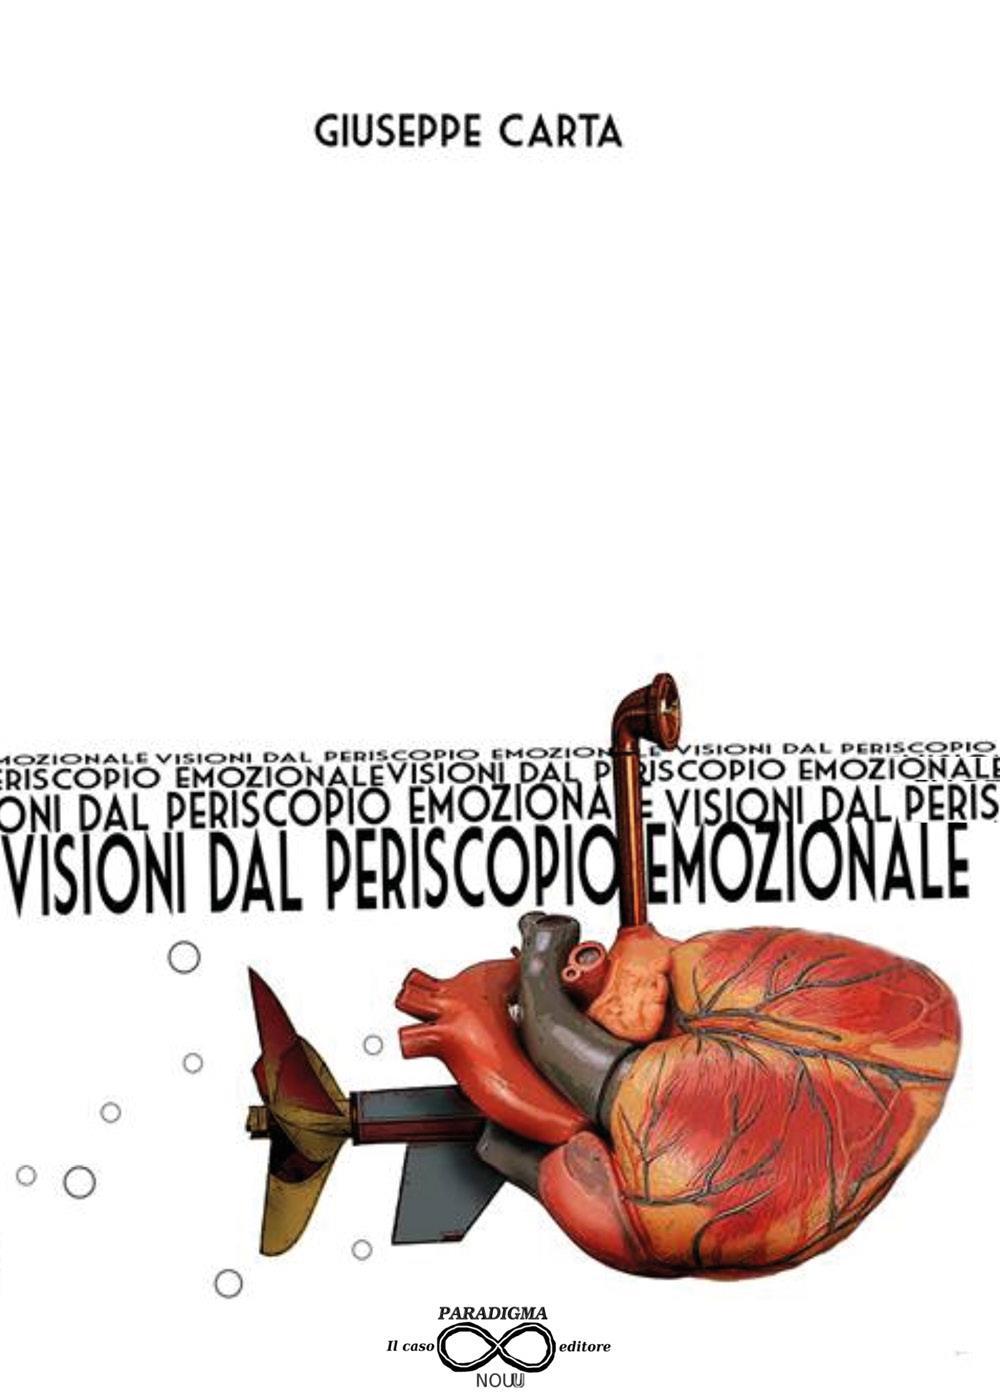 Visioni dal periscopio emozionale